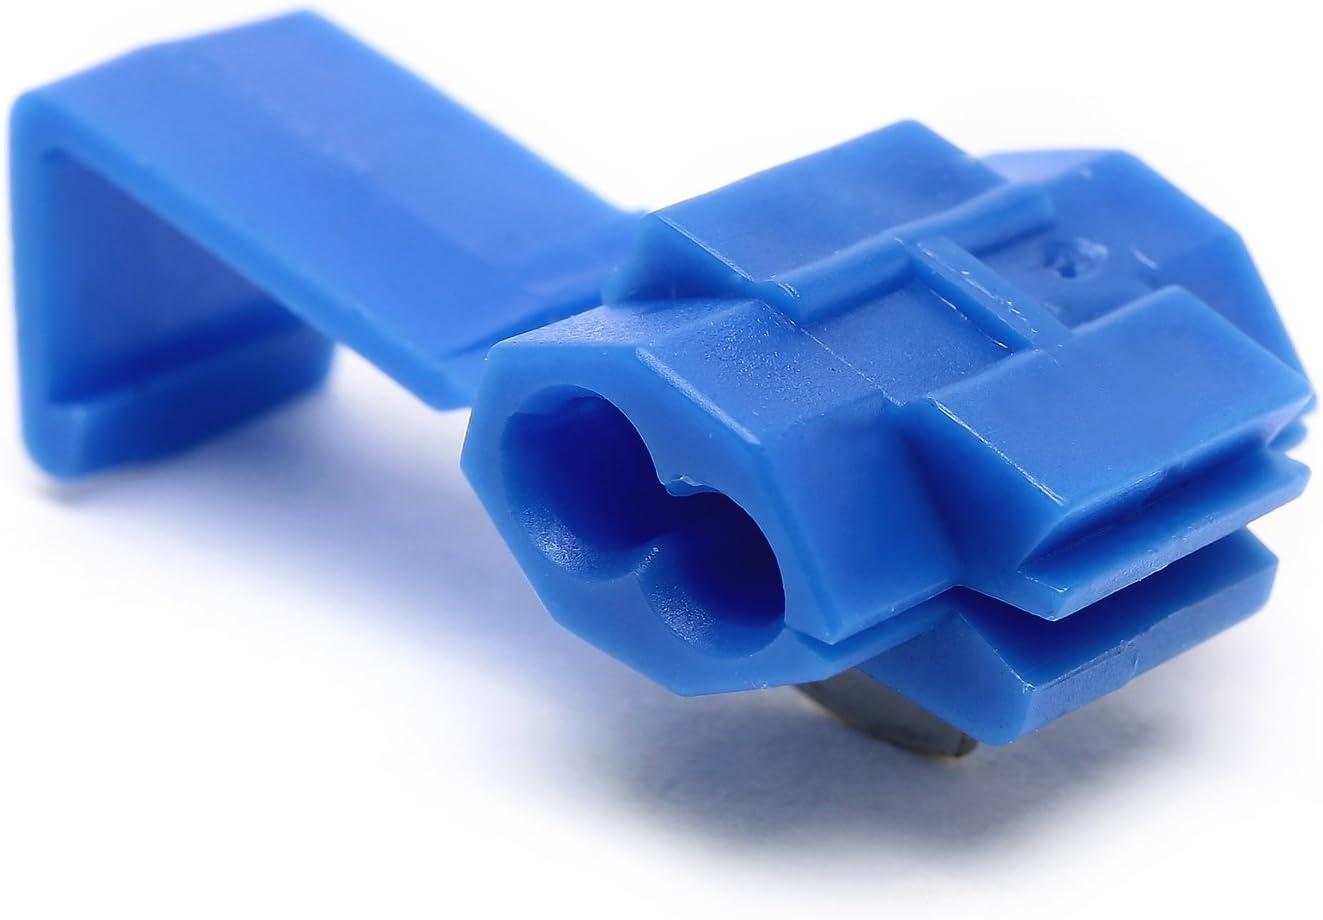 Semoic Terminales de cable 100pcs rapida Splice Conectores Lock Crimp Electrica Electrica Azul